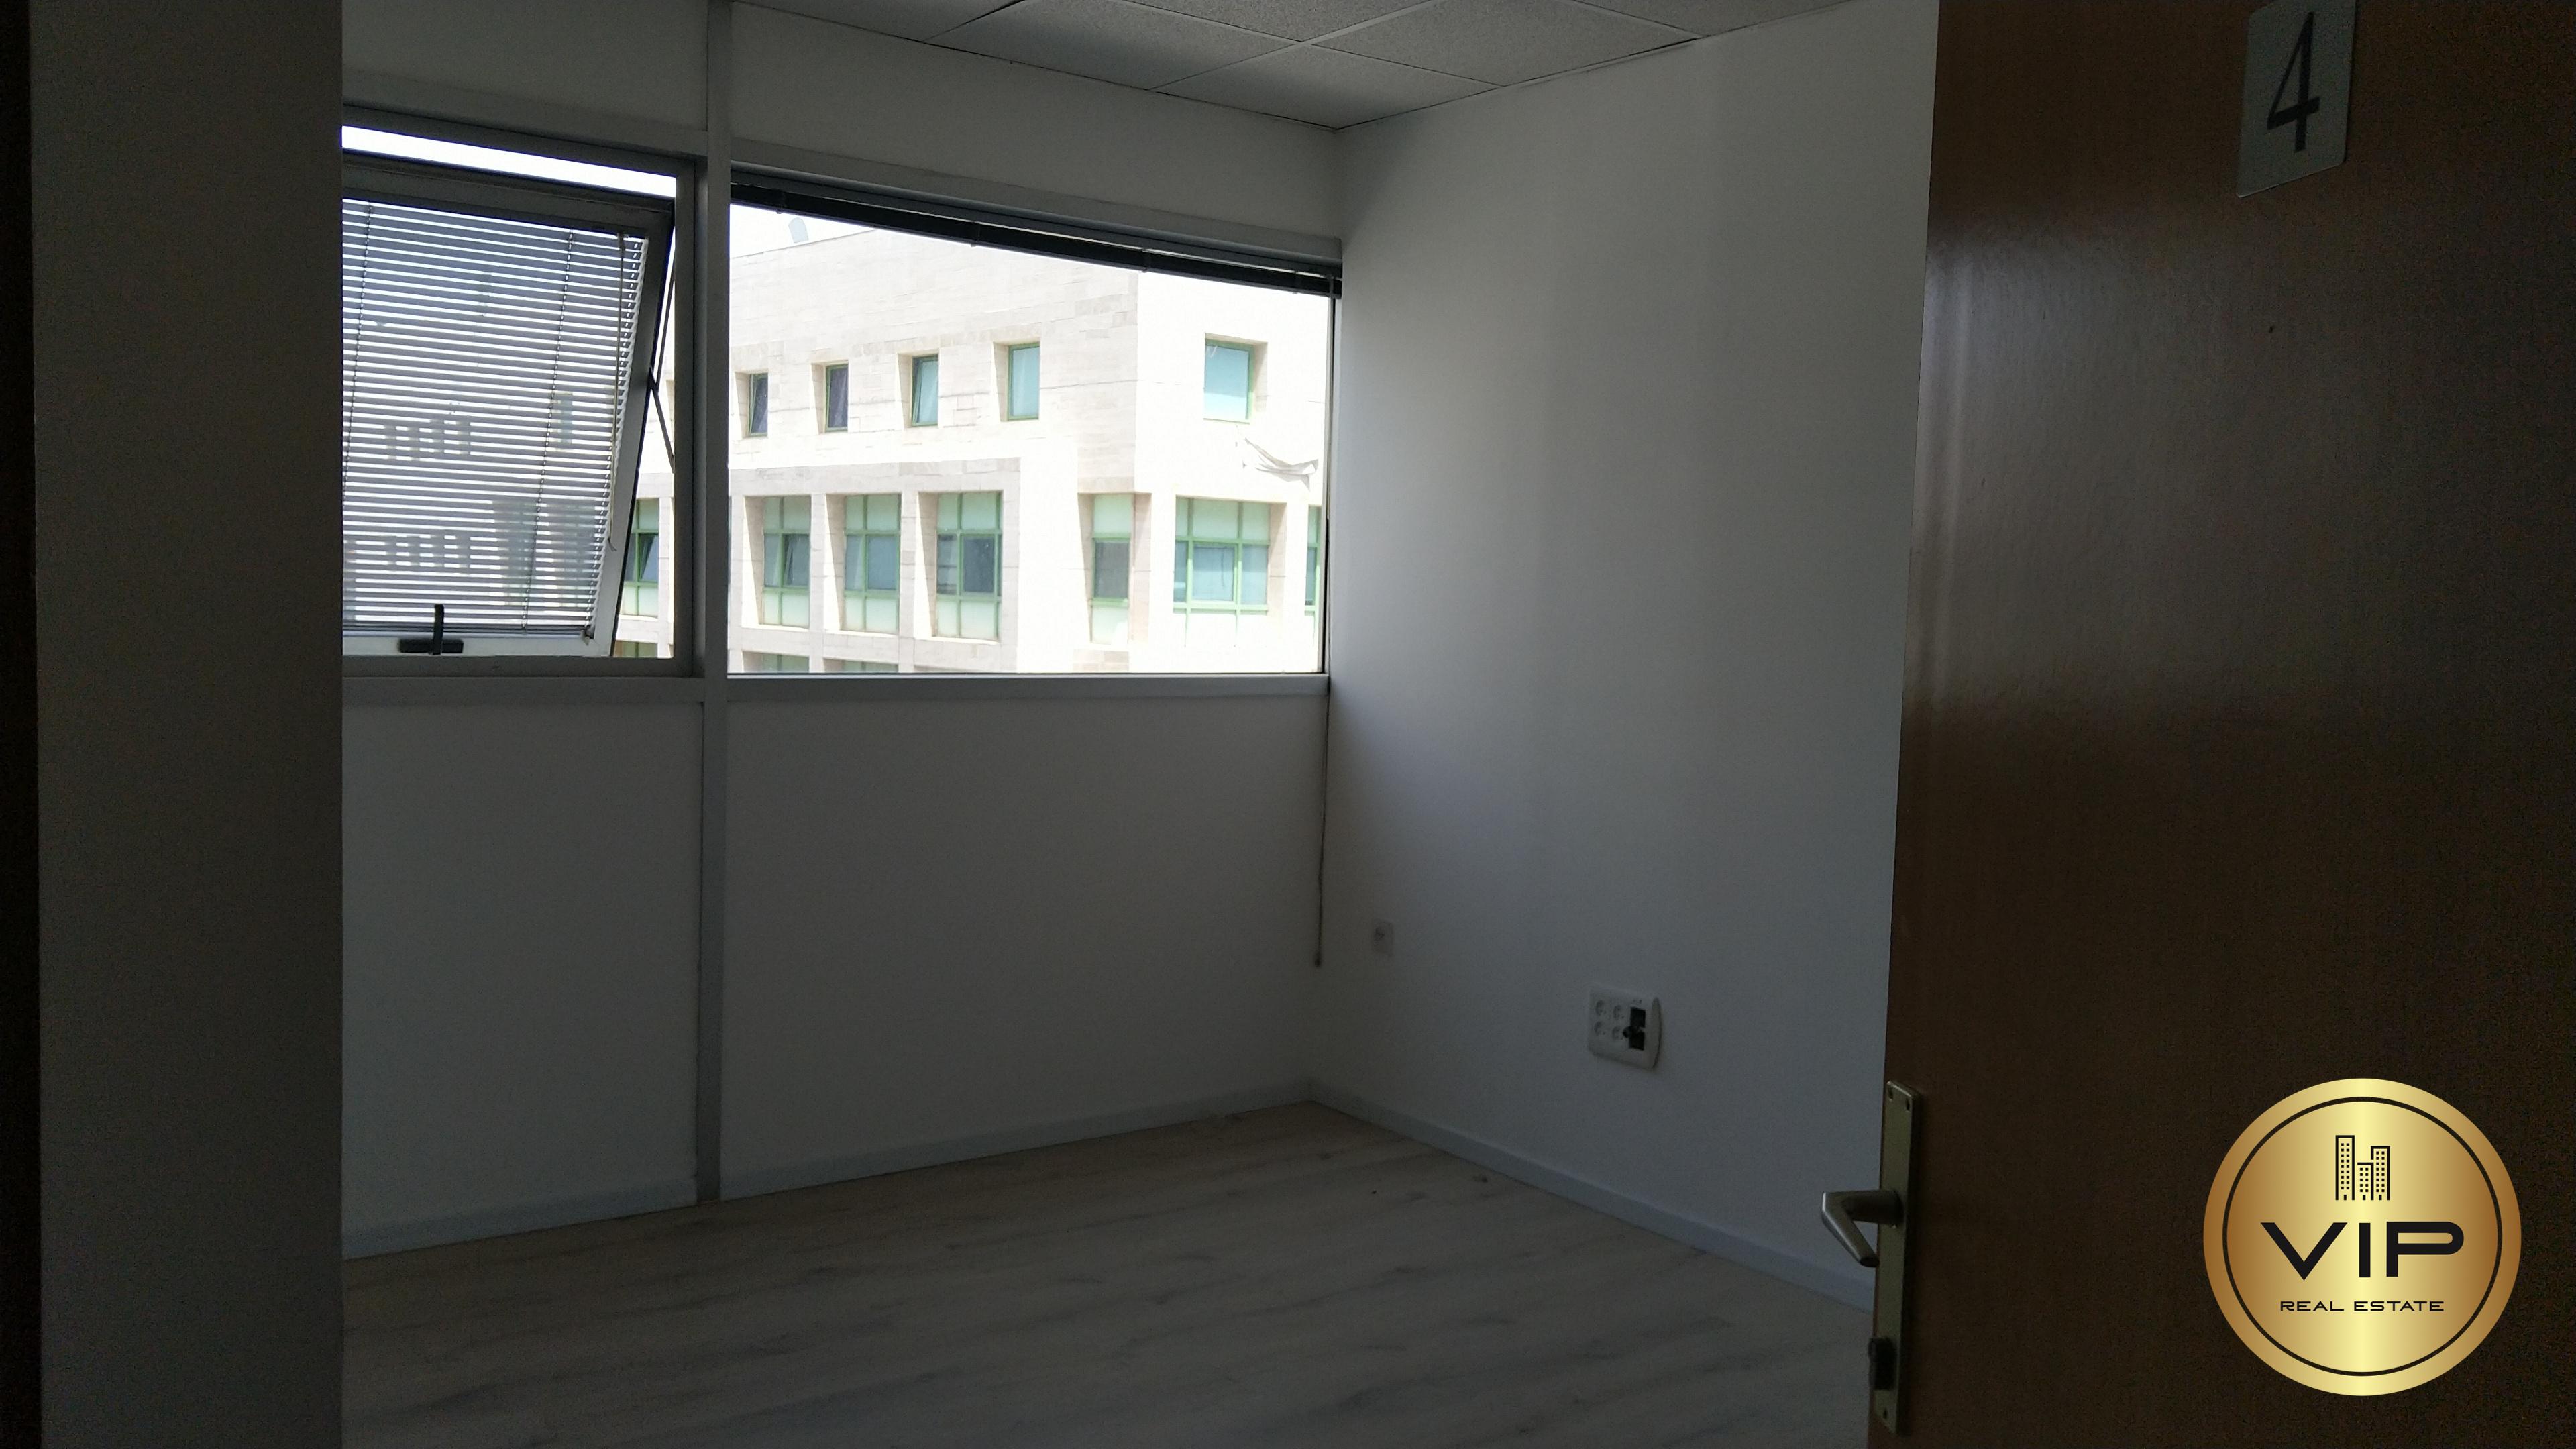 תמונה 3 ,משרדים להשכרה משרדים להשכרה בצפון תל אביב ,רחוב הברזל 125 מר משרד מואר  רמת החייל תל אביב יפו